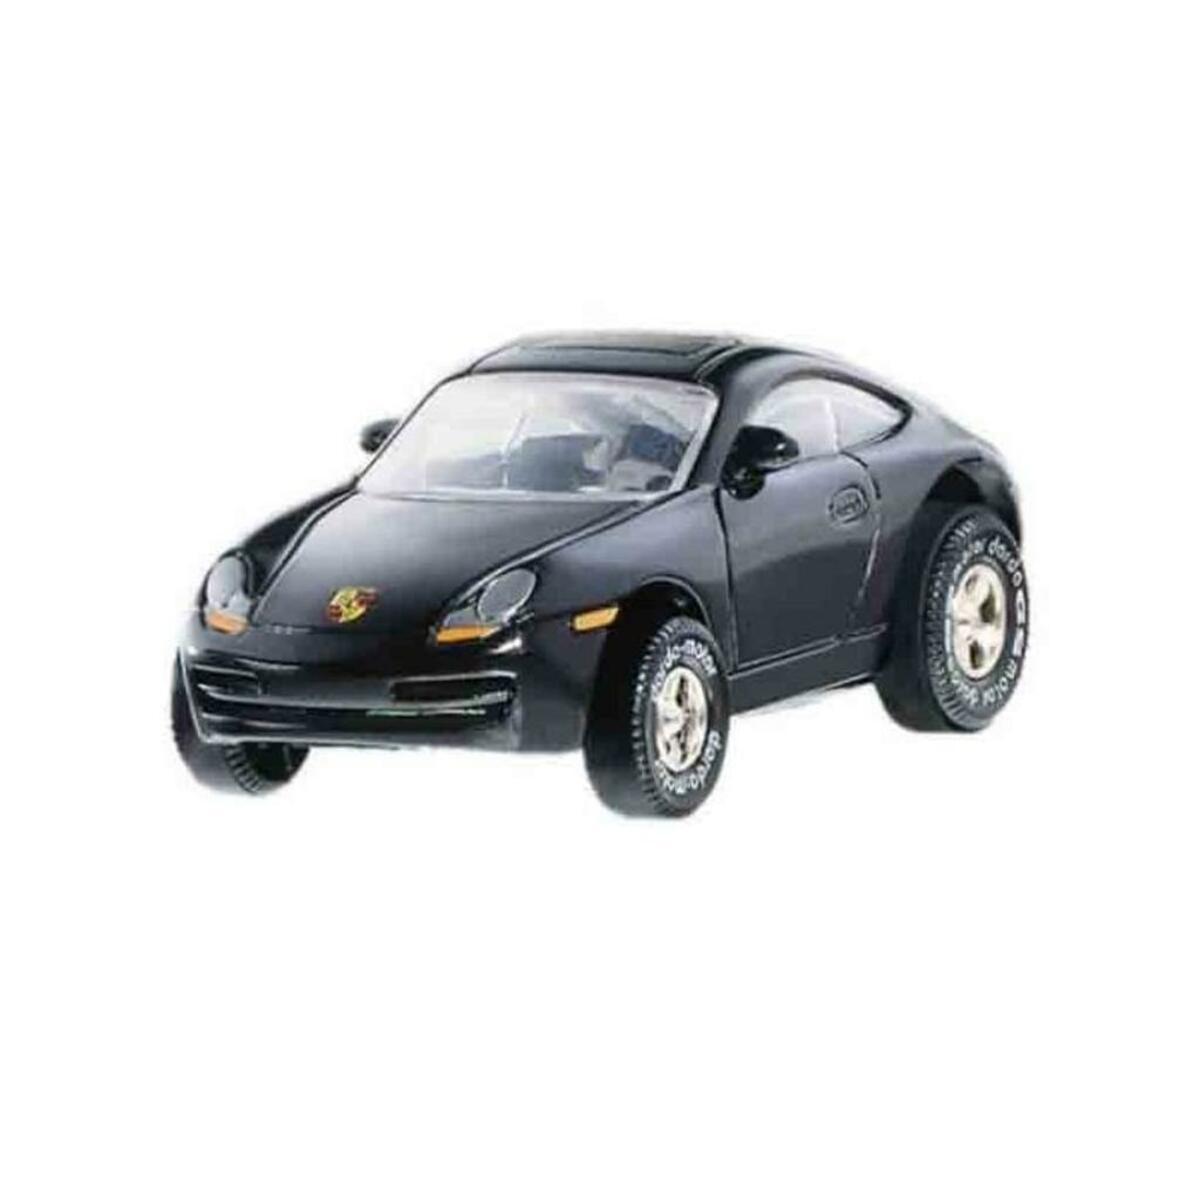 Bild 2 von Simm 50309 Darda - Porsche 911 schwarz